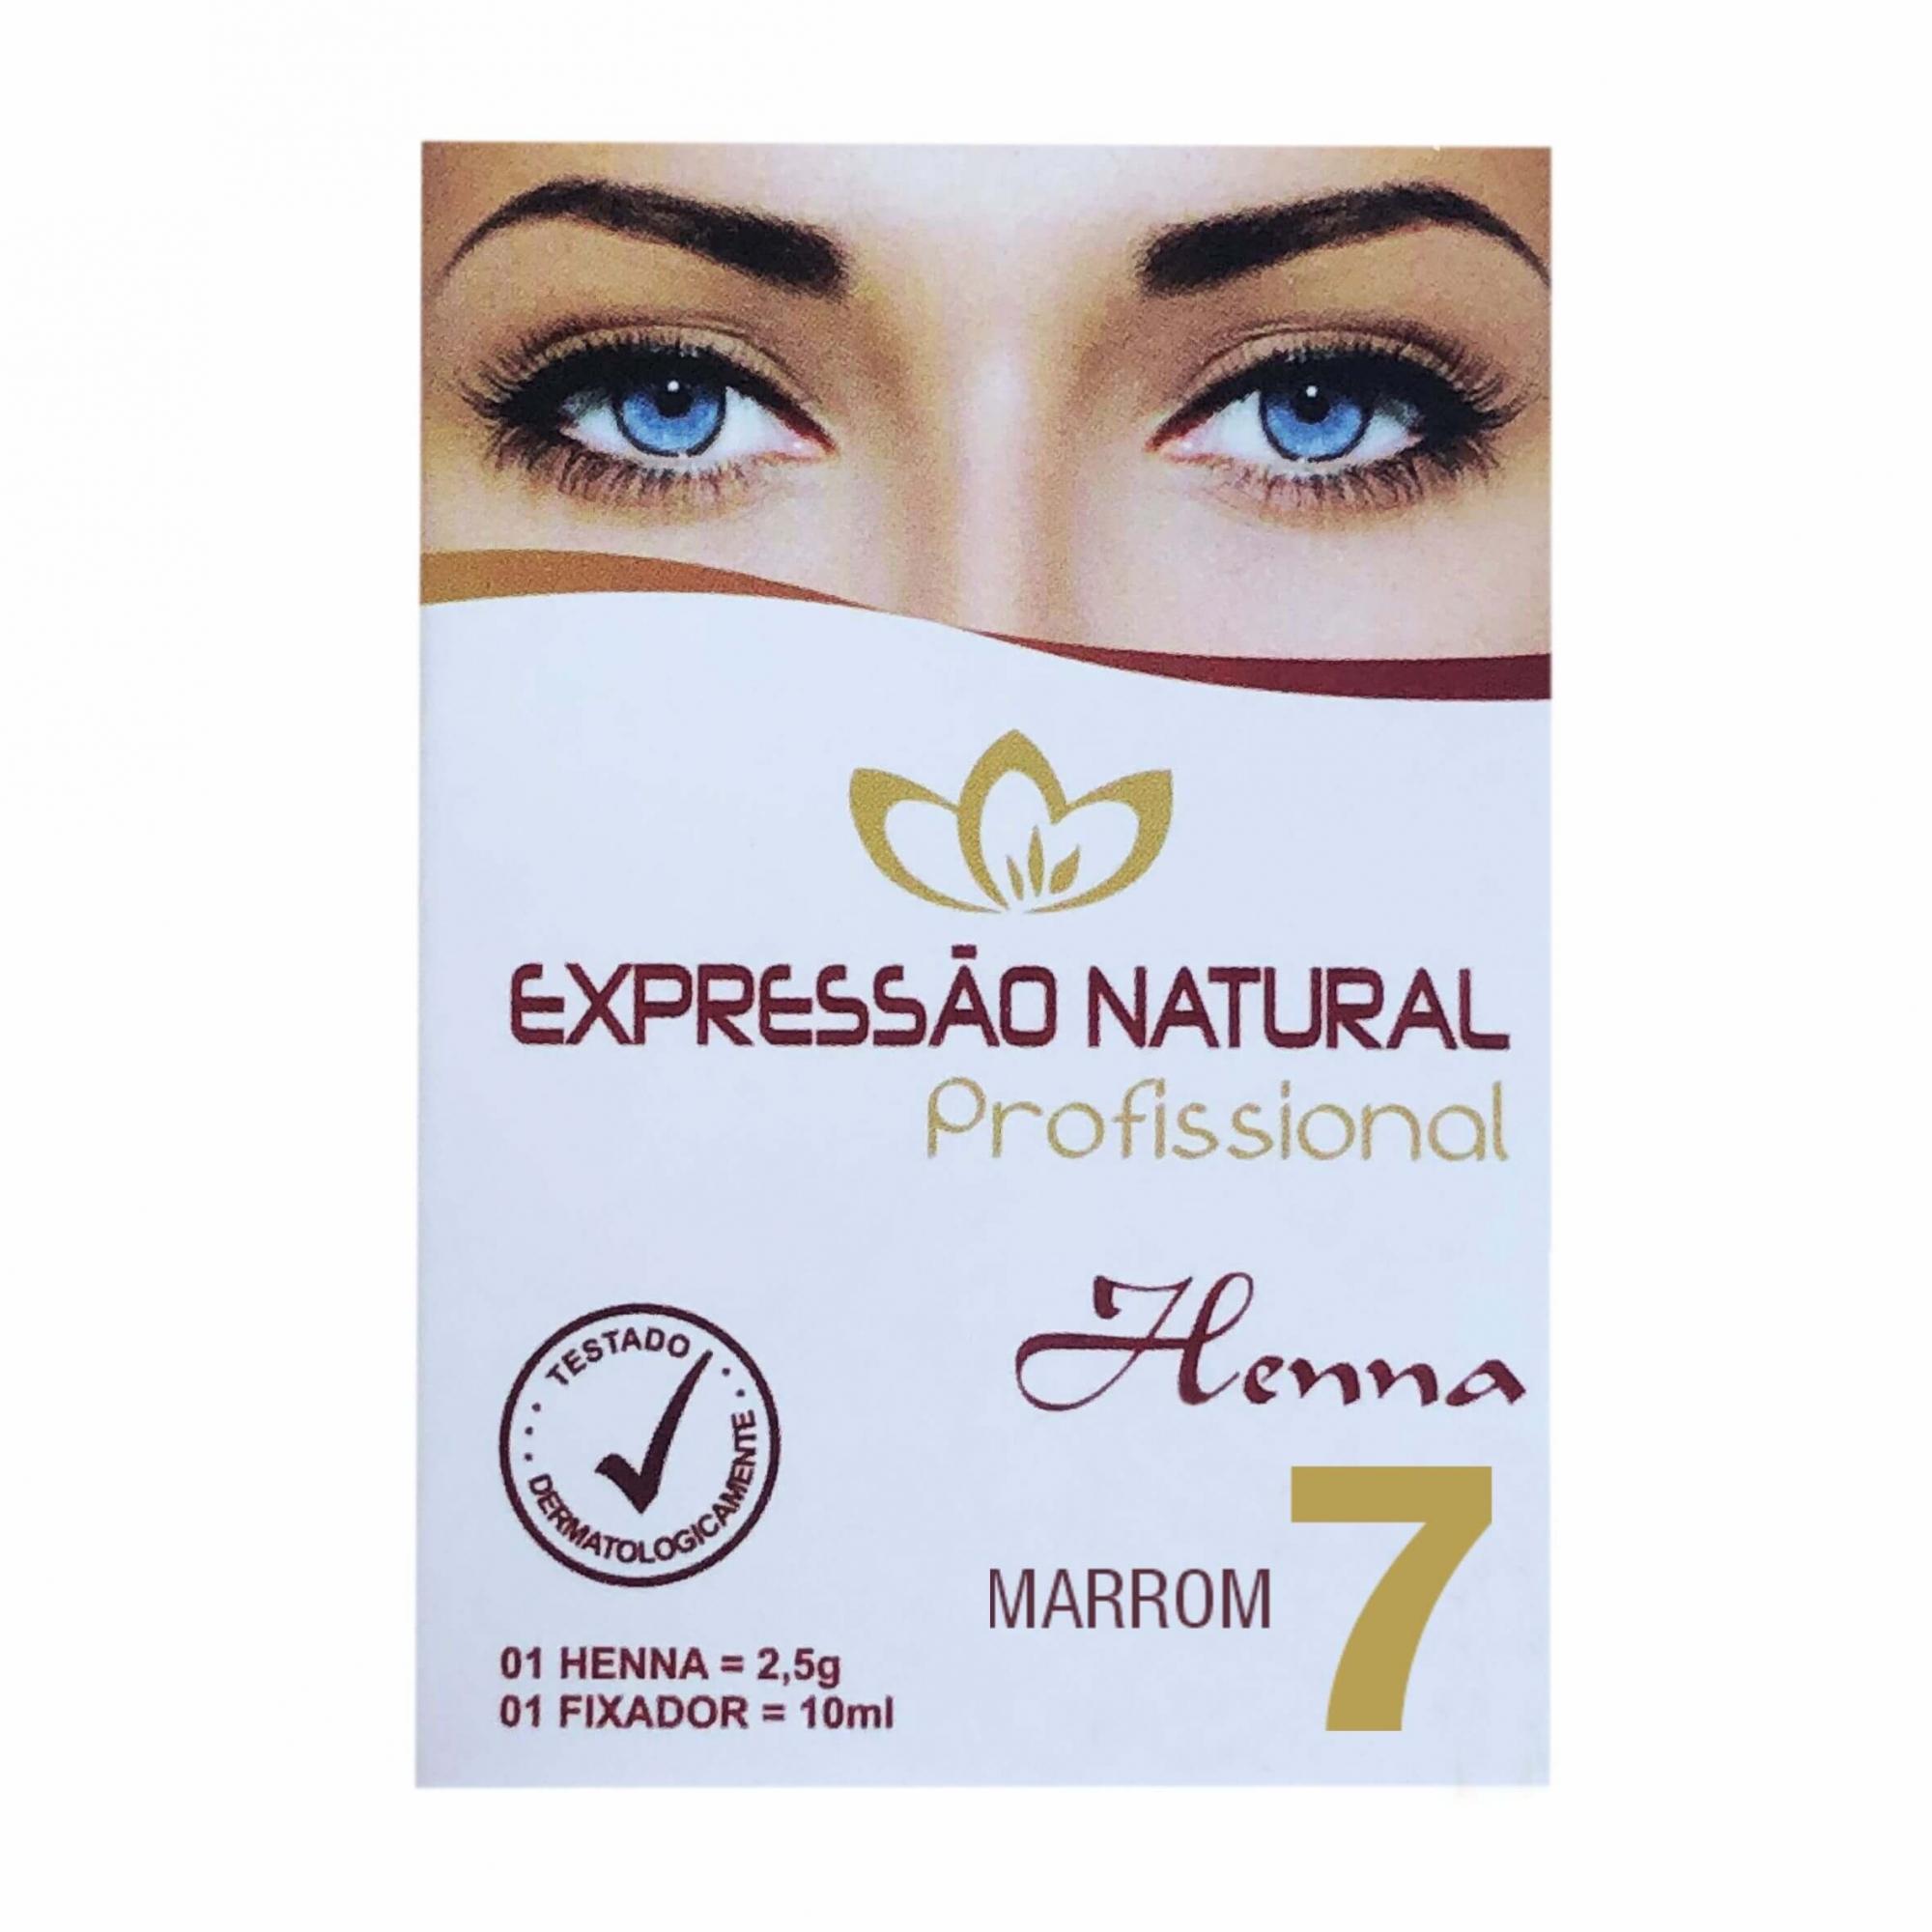 Henna 2,5g + Fixador 10ml Expressão Natural Marrom